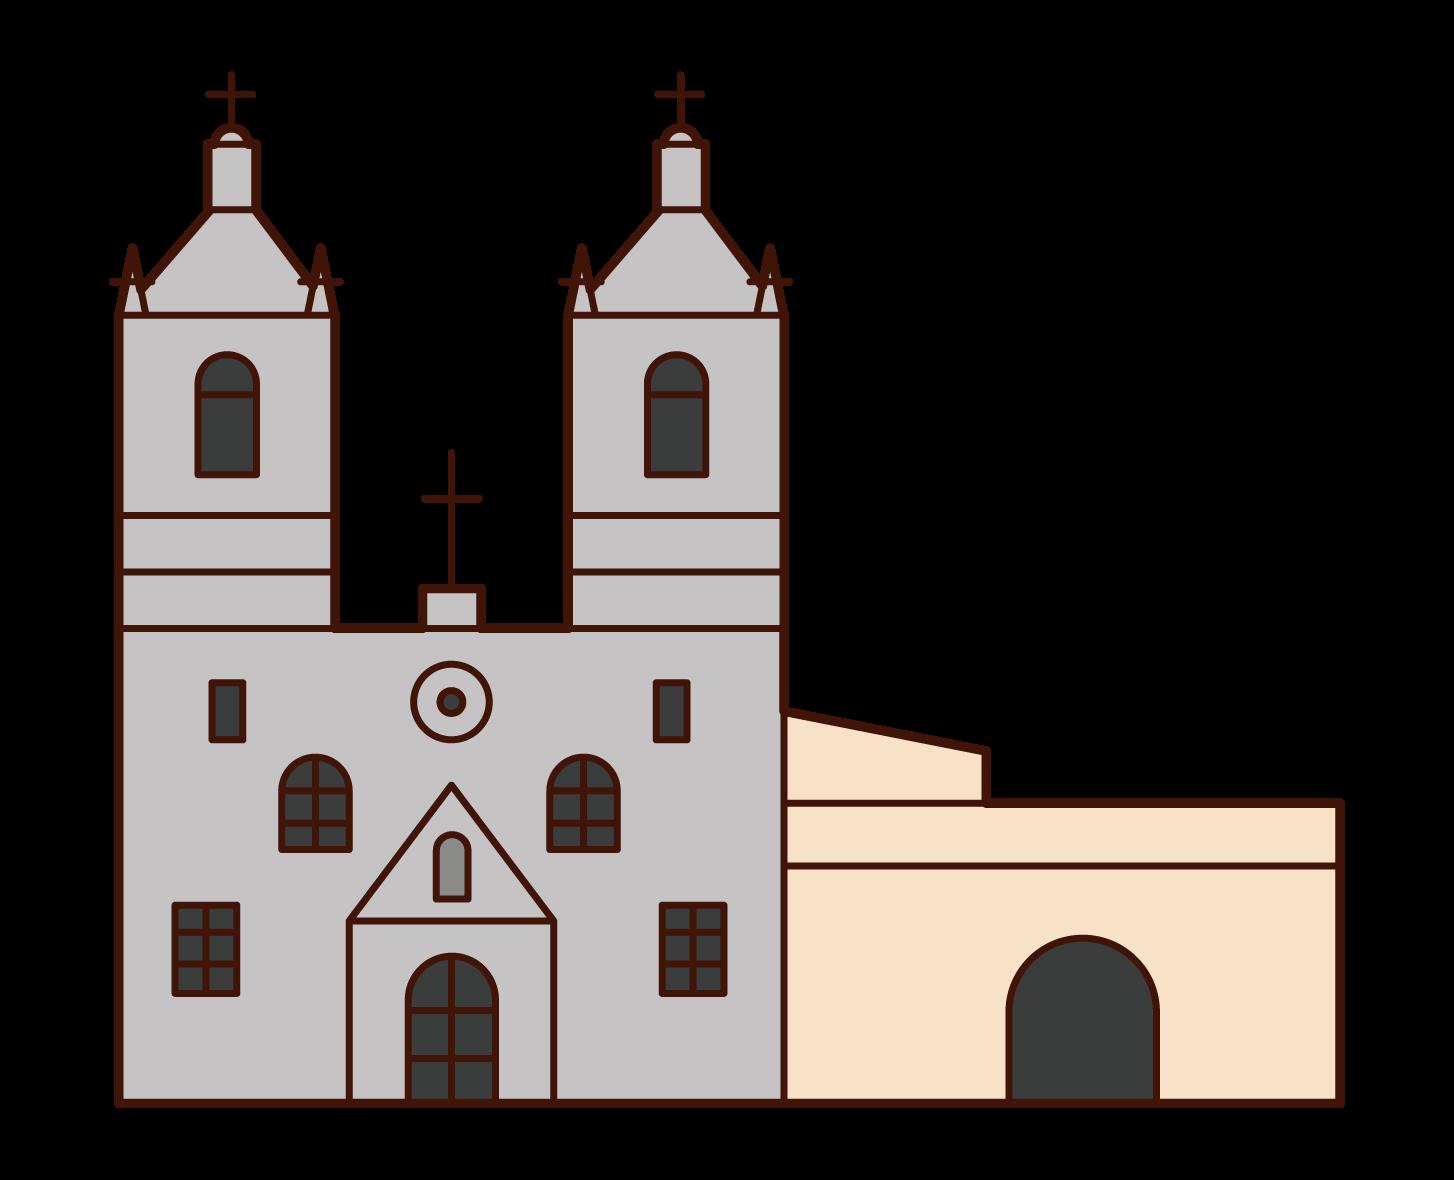 サン・アントニオ伝道施設群のイラスト